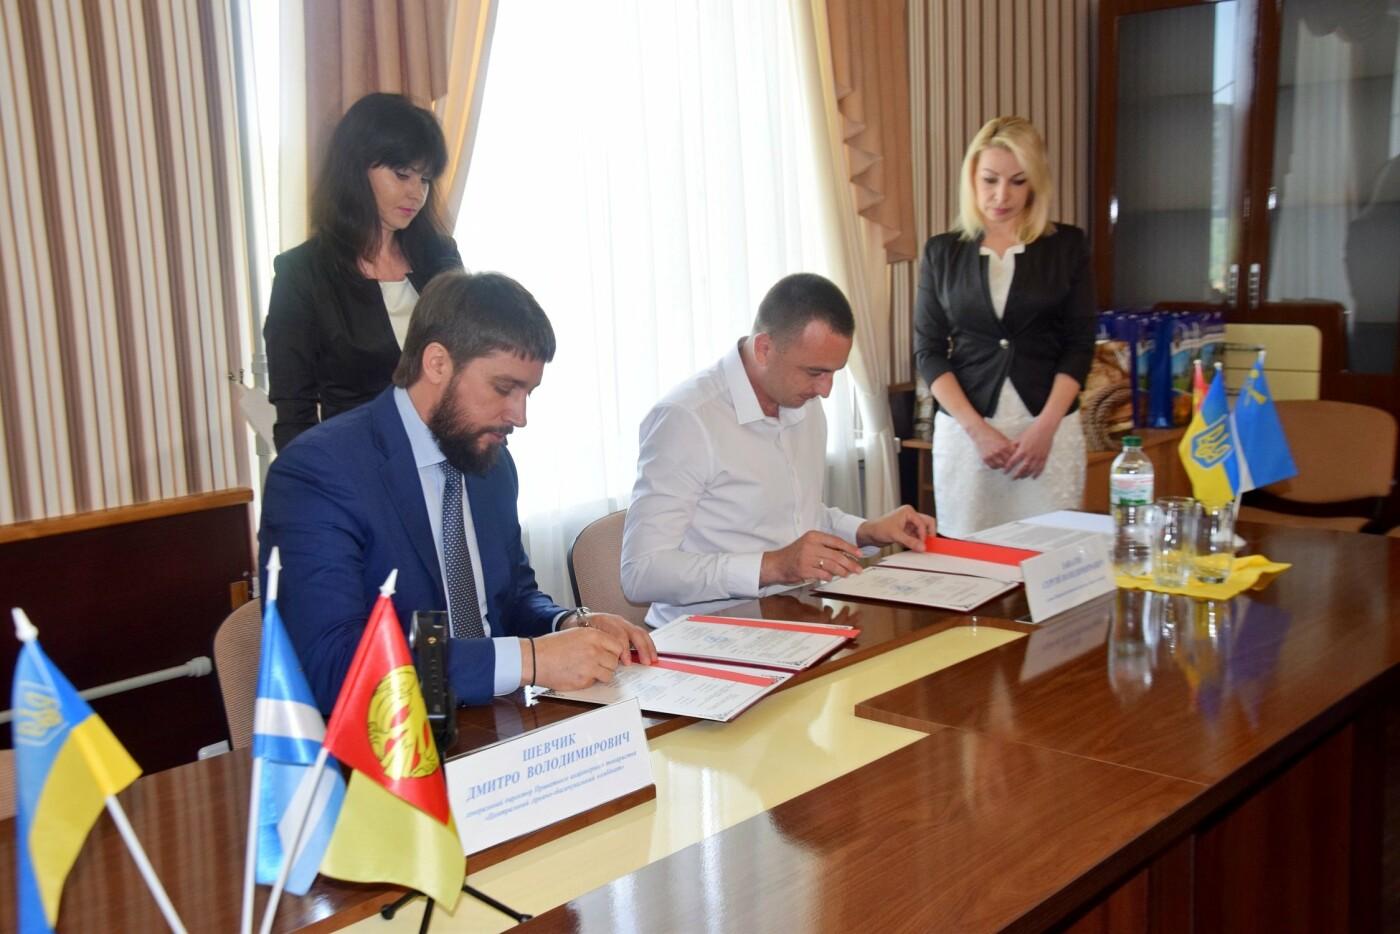 Партнерство для развития громады: ЦГОК подписал договор о сотрудничестве с властями Петровского района, фото-1